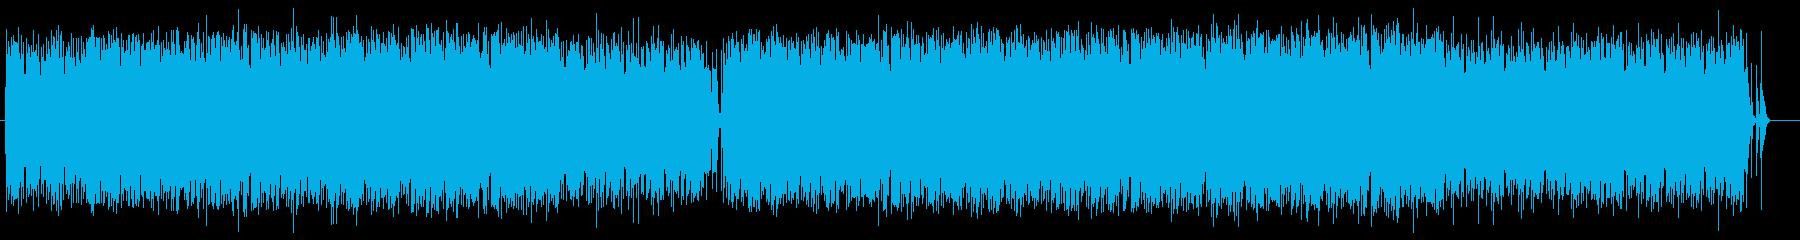 アップリフティングで軽快なテクノポップの再生済みの波形